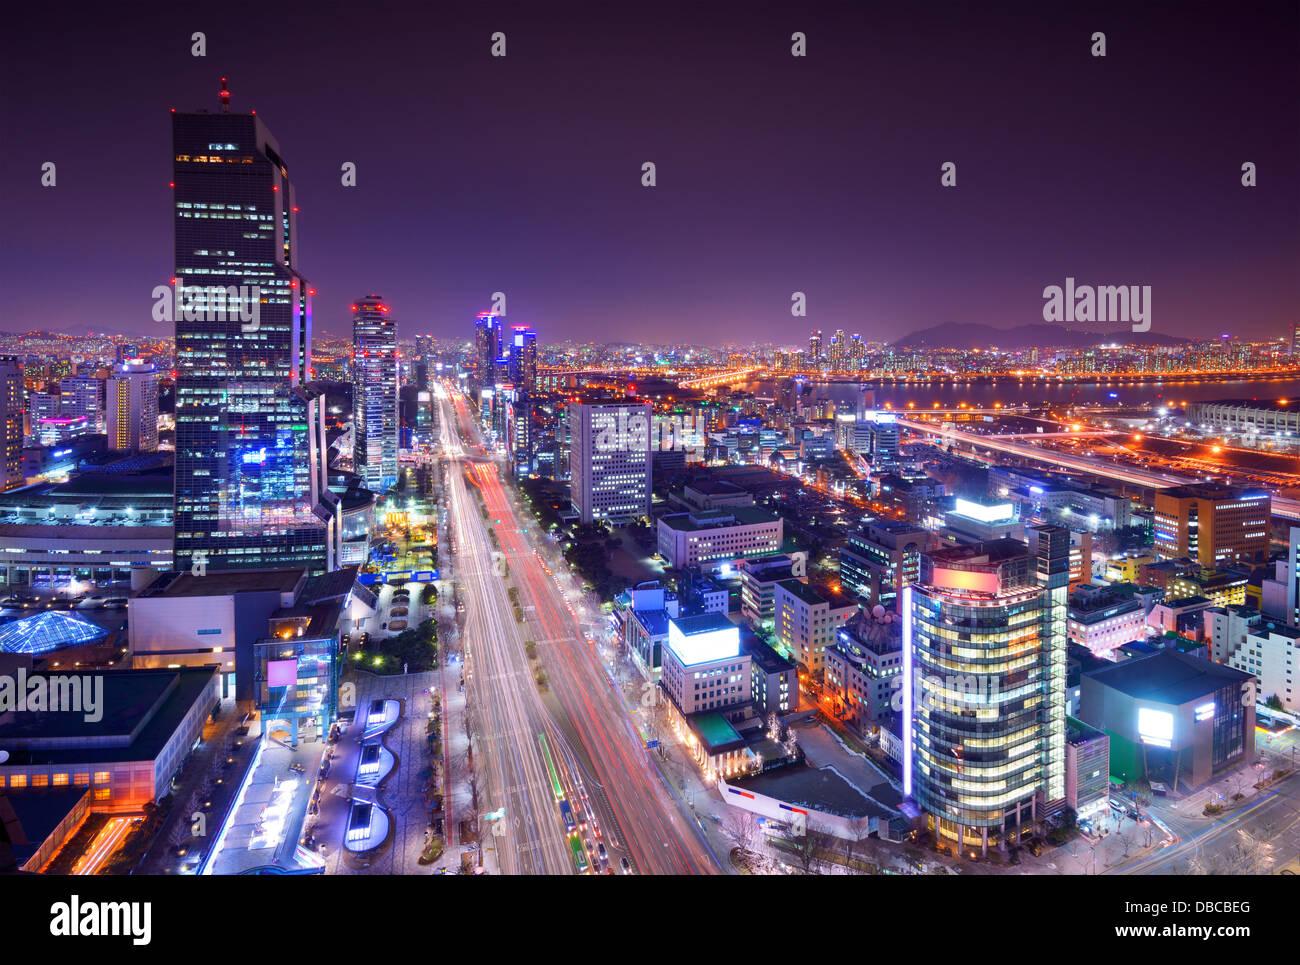 Il quartiere di Gangnam di Seoul, Corea del Sud skyline notturno. Immagini Stock